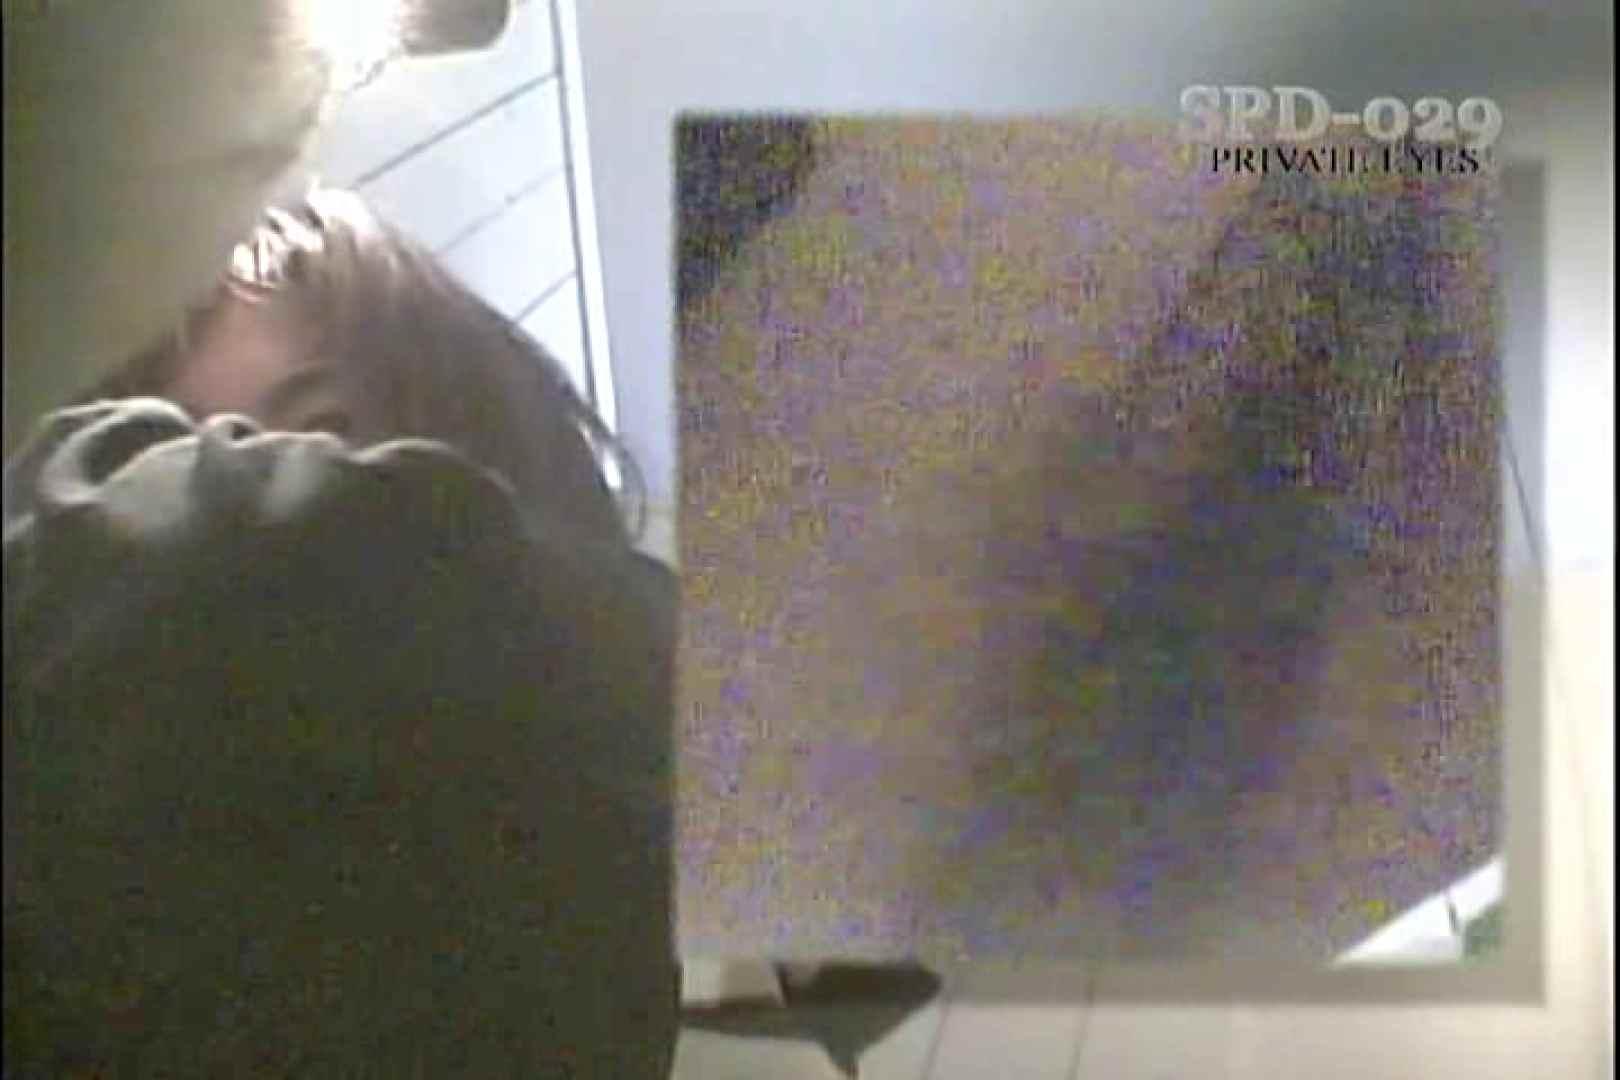 高画質版!SPD-029 和式厠 モリモリスペシャル 名作 盗撮ヌード画像 86画像 44